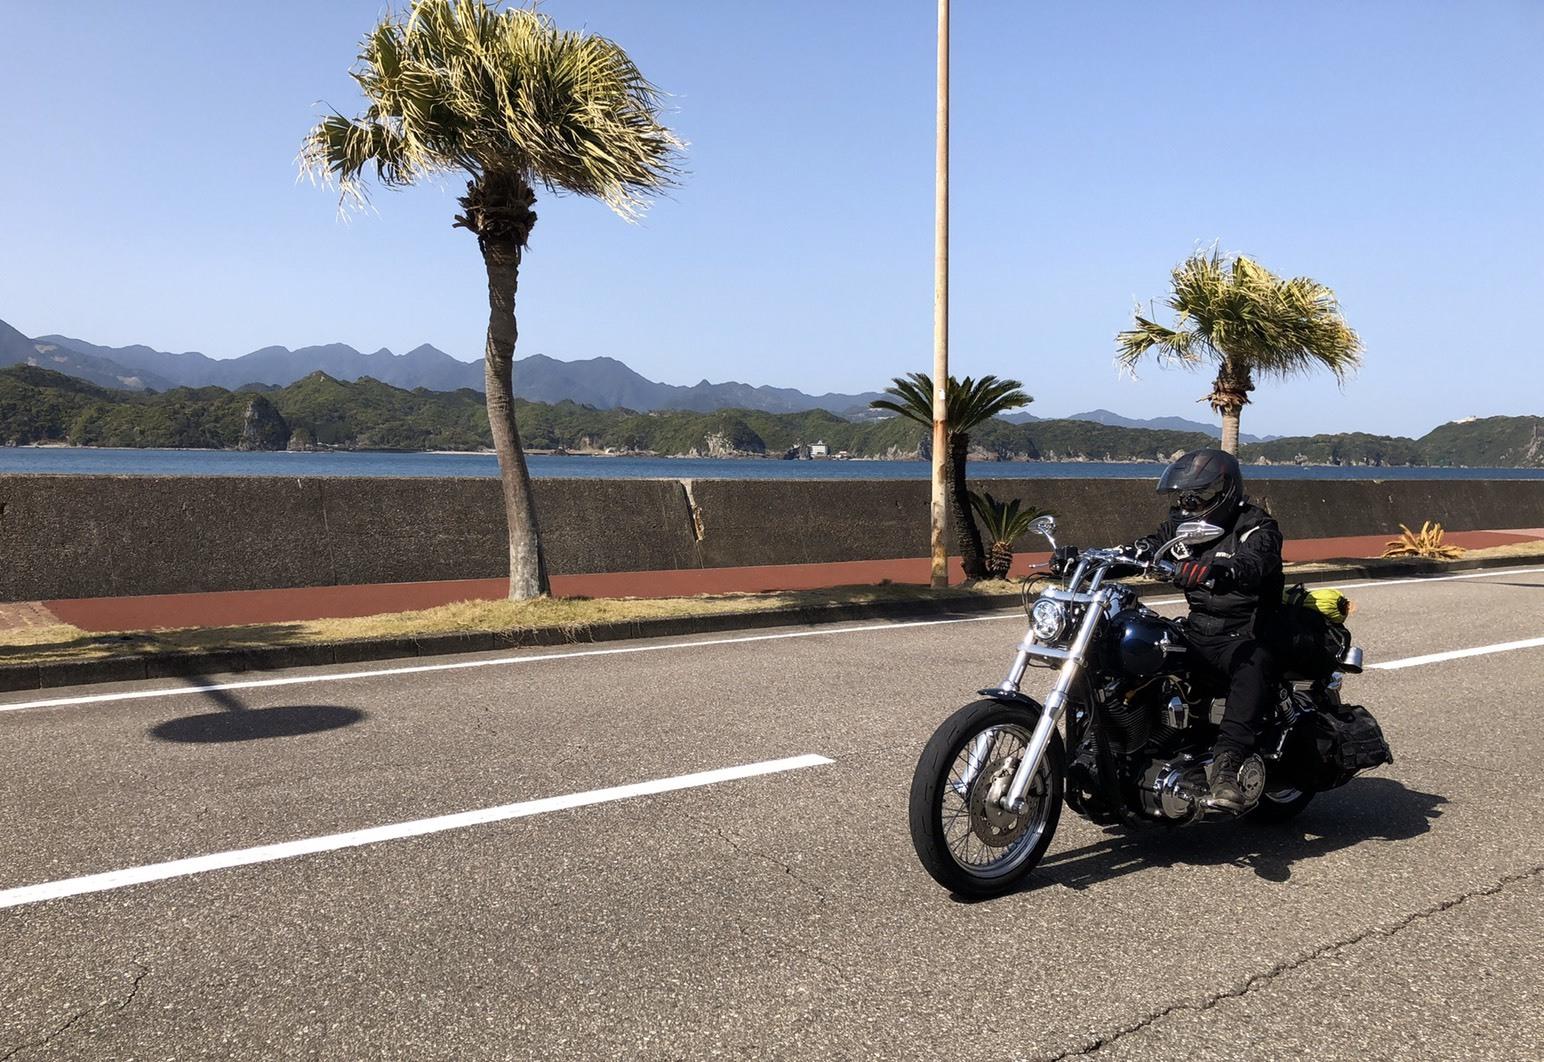 ぴーきち&ダイナ 紀伊半島ツーリング 和歌山県 太地町 海沿い